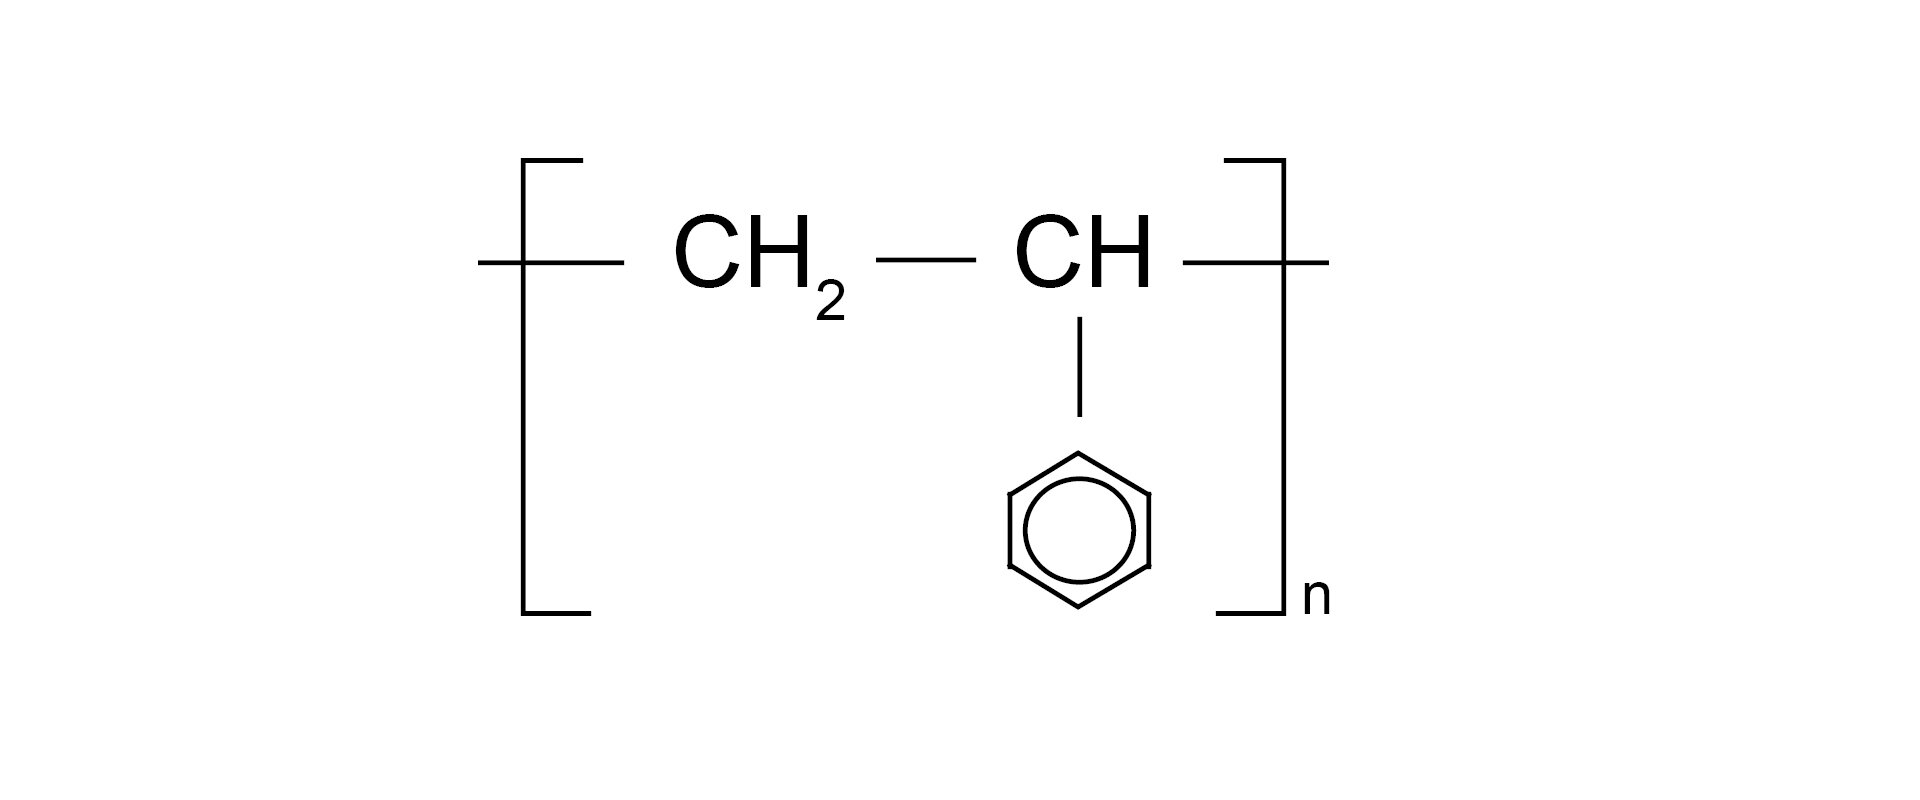 Ilustracja pokazuje wzór sumaryczny polistyrenu.